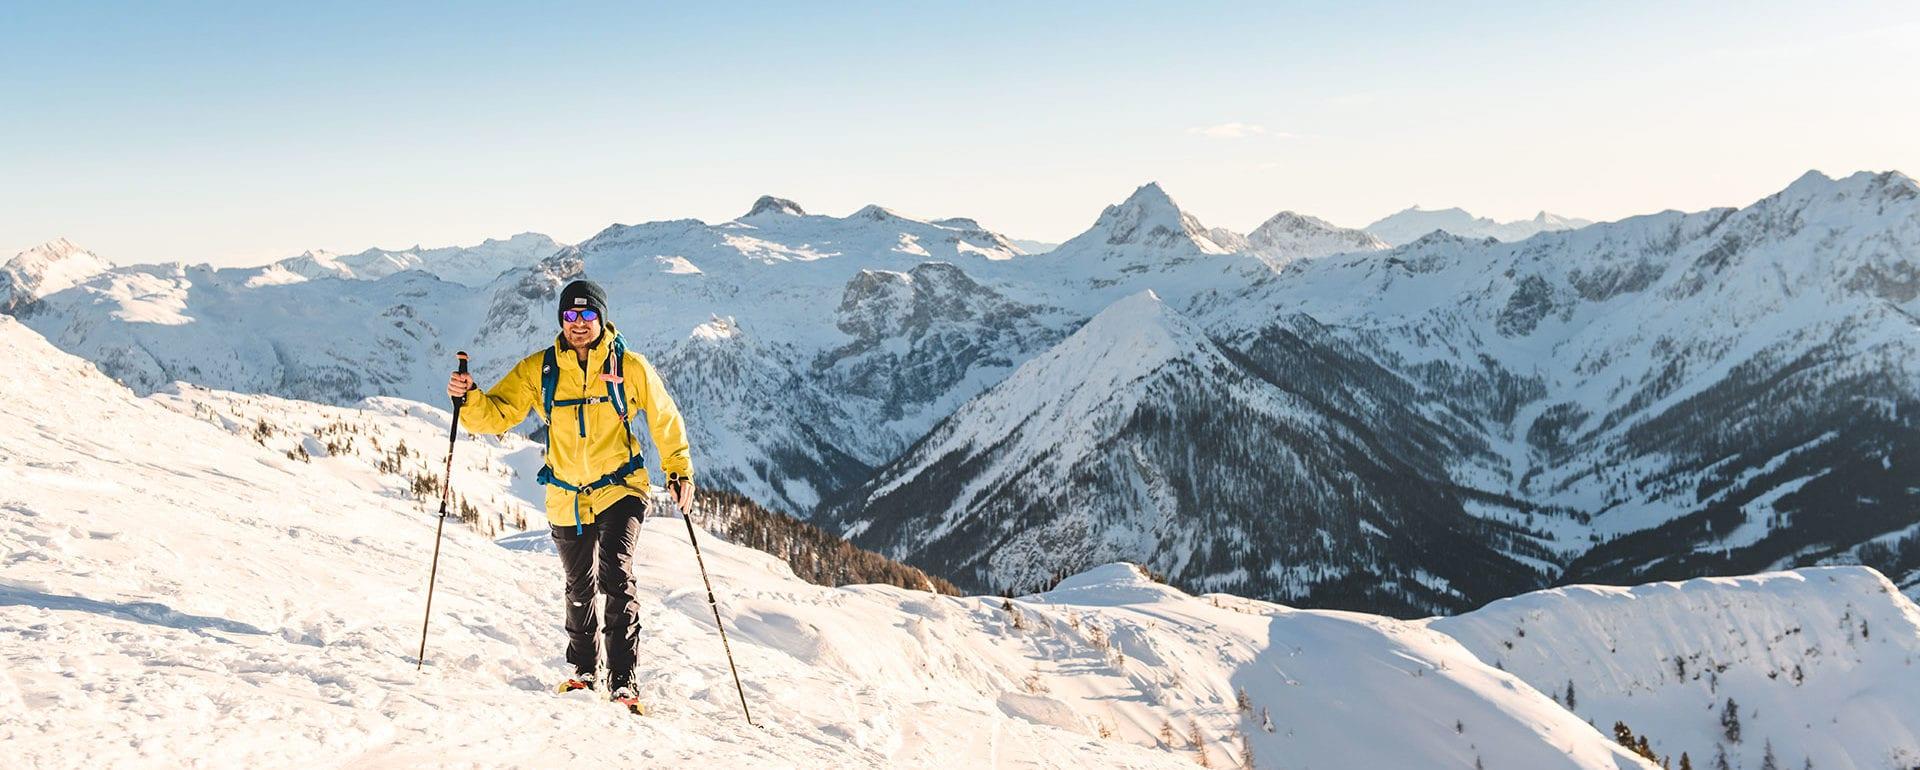 Winterurlaub & Skiurlaub in Altenmarkt-Zauchensee